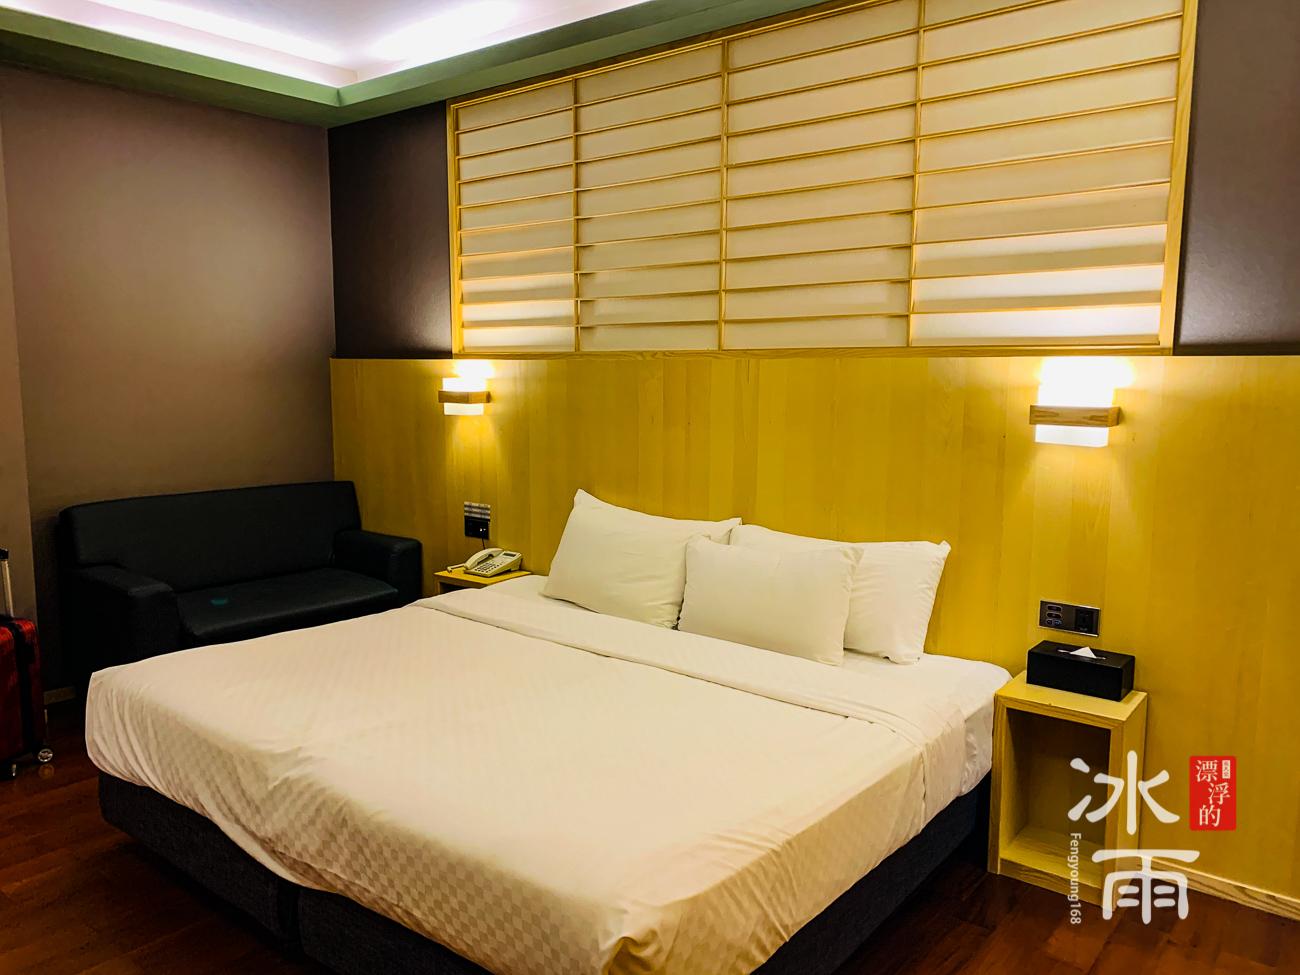 泰安湯悅溫泉會館|床頭